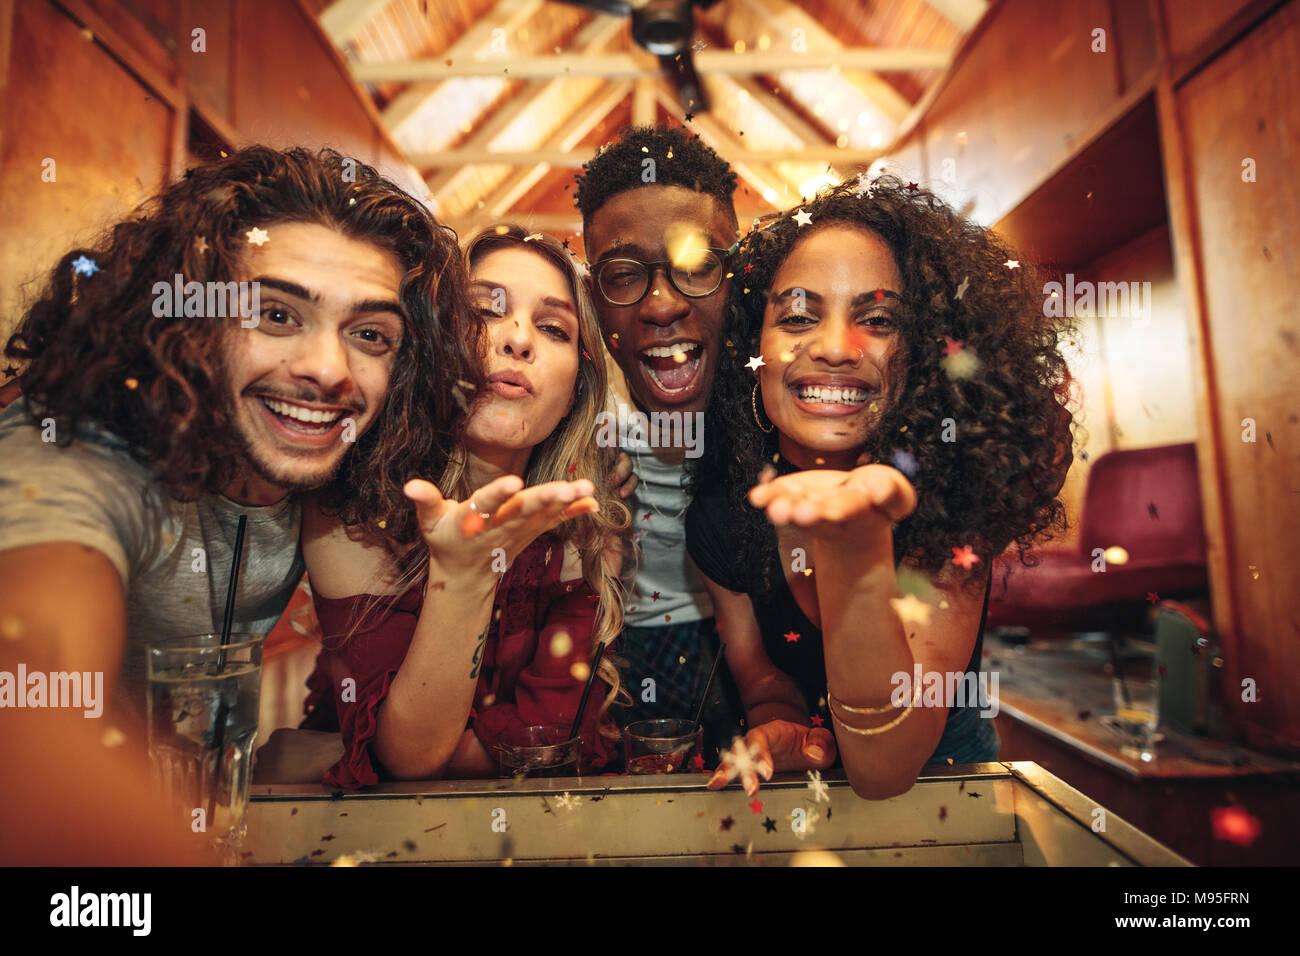 Eine Gruppe von Freunden eine Party und blasen Konfetti. Männer und Frauen die Erfassung der Spaß in selfie im Nachtclub. Stockfoto